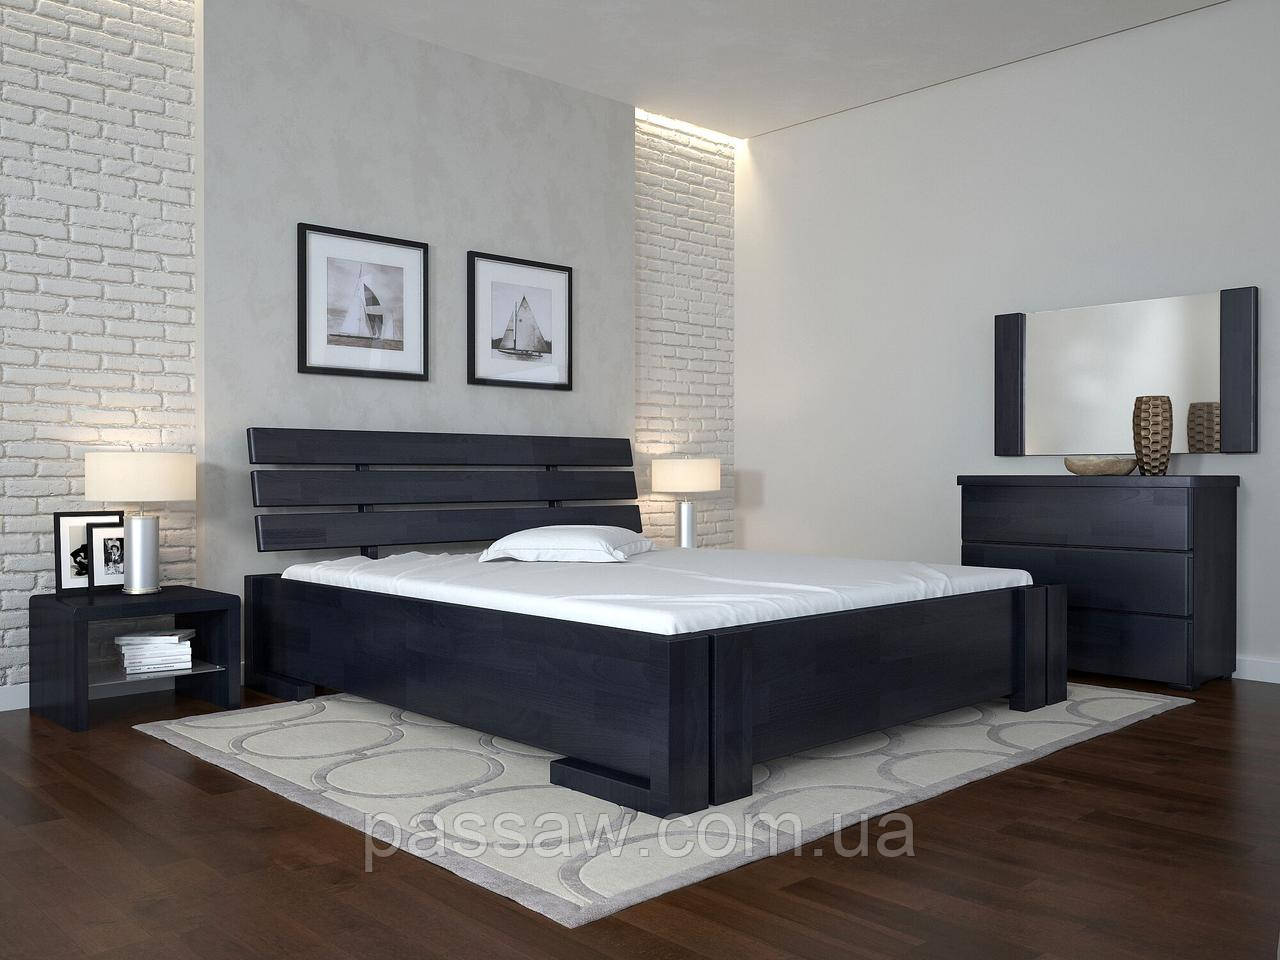 """Кровать деревянная ARBOR DREV  """"Домино"""" 1,2 сосна"""